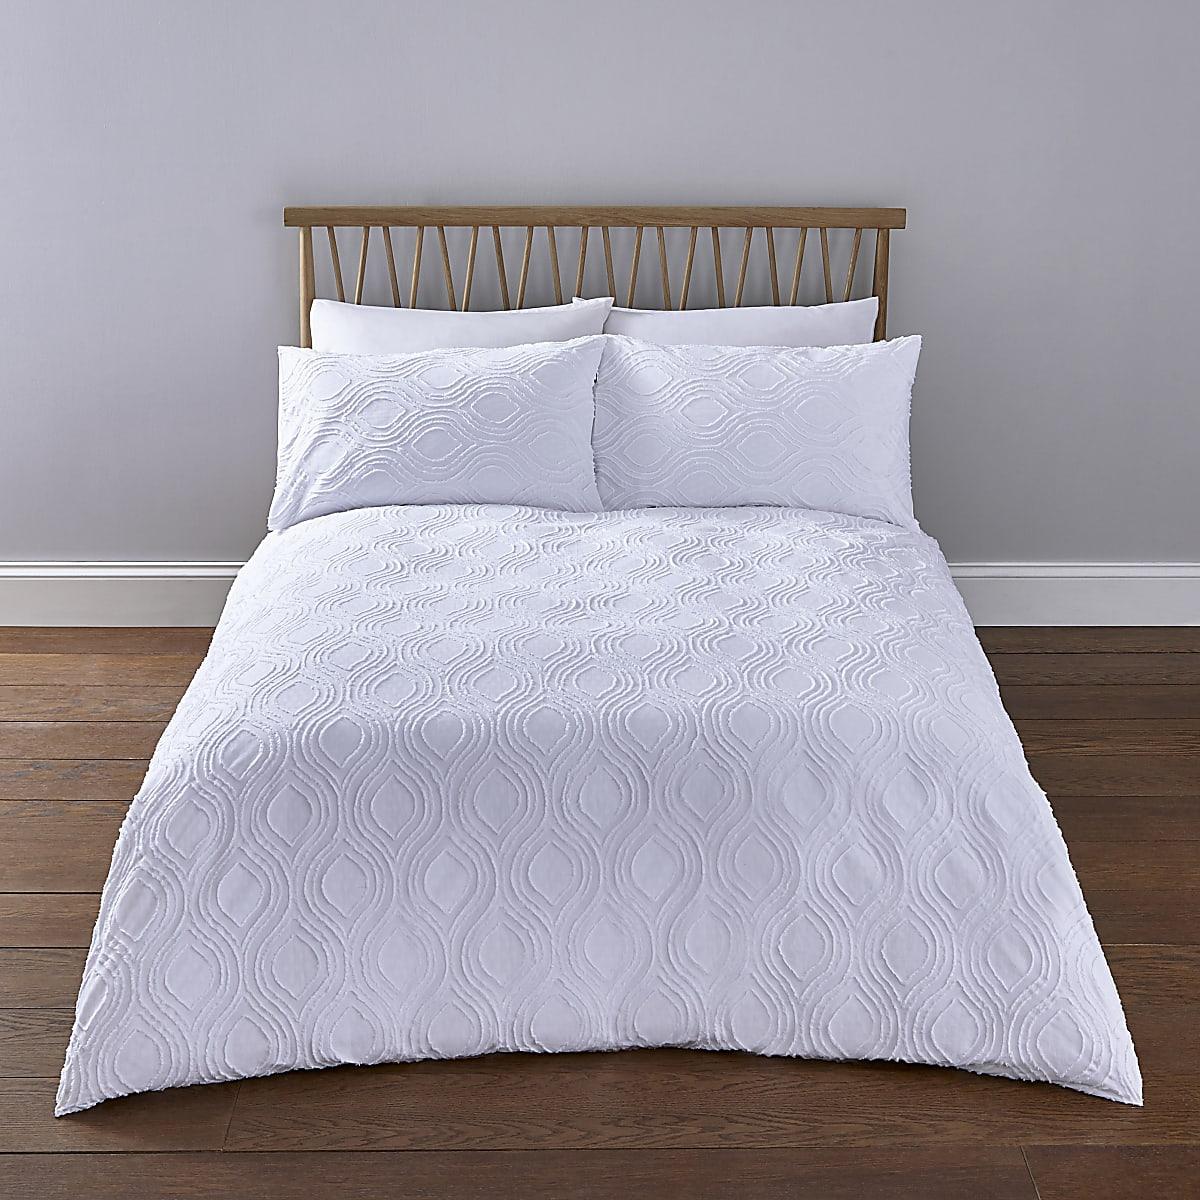 Parure de lit king blanche à motif géométrique texturé